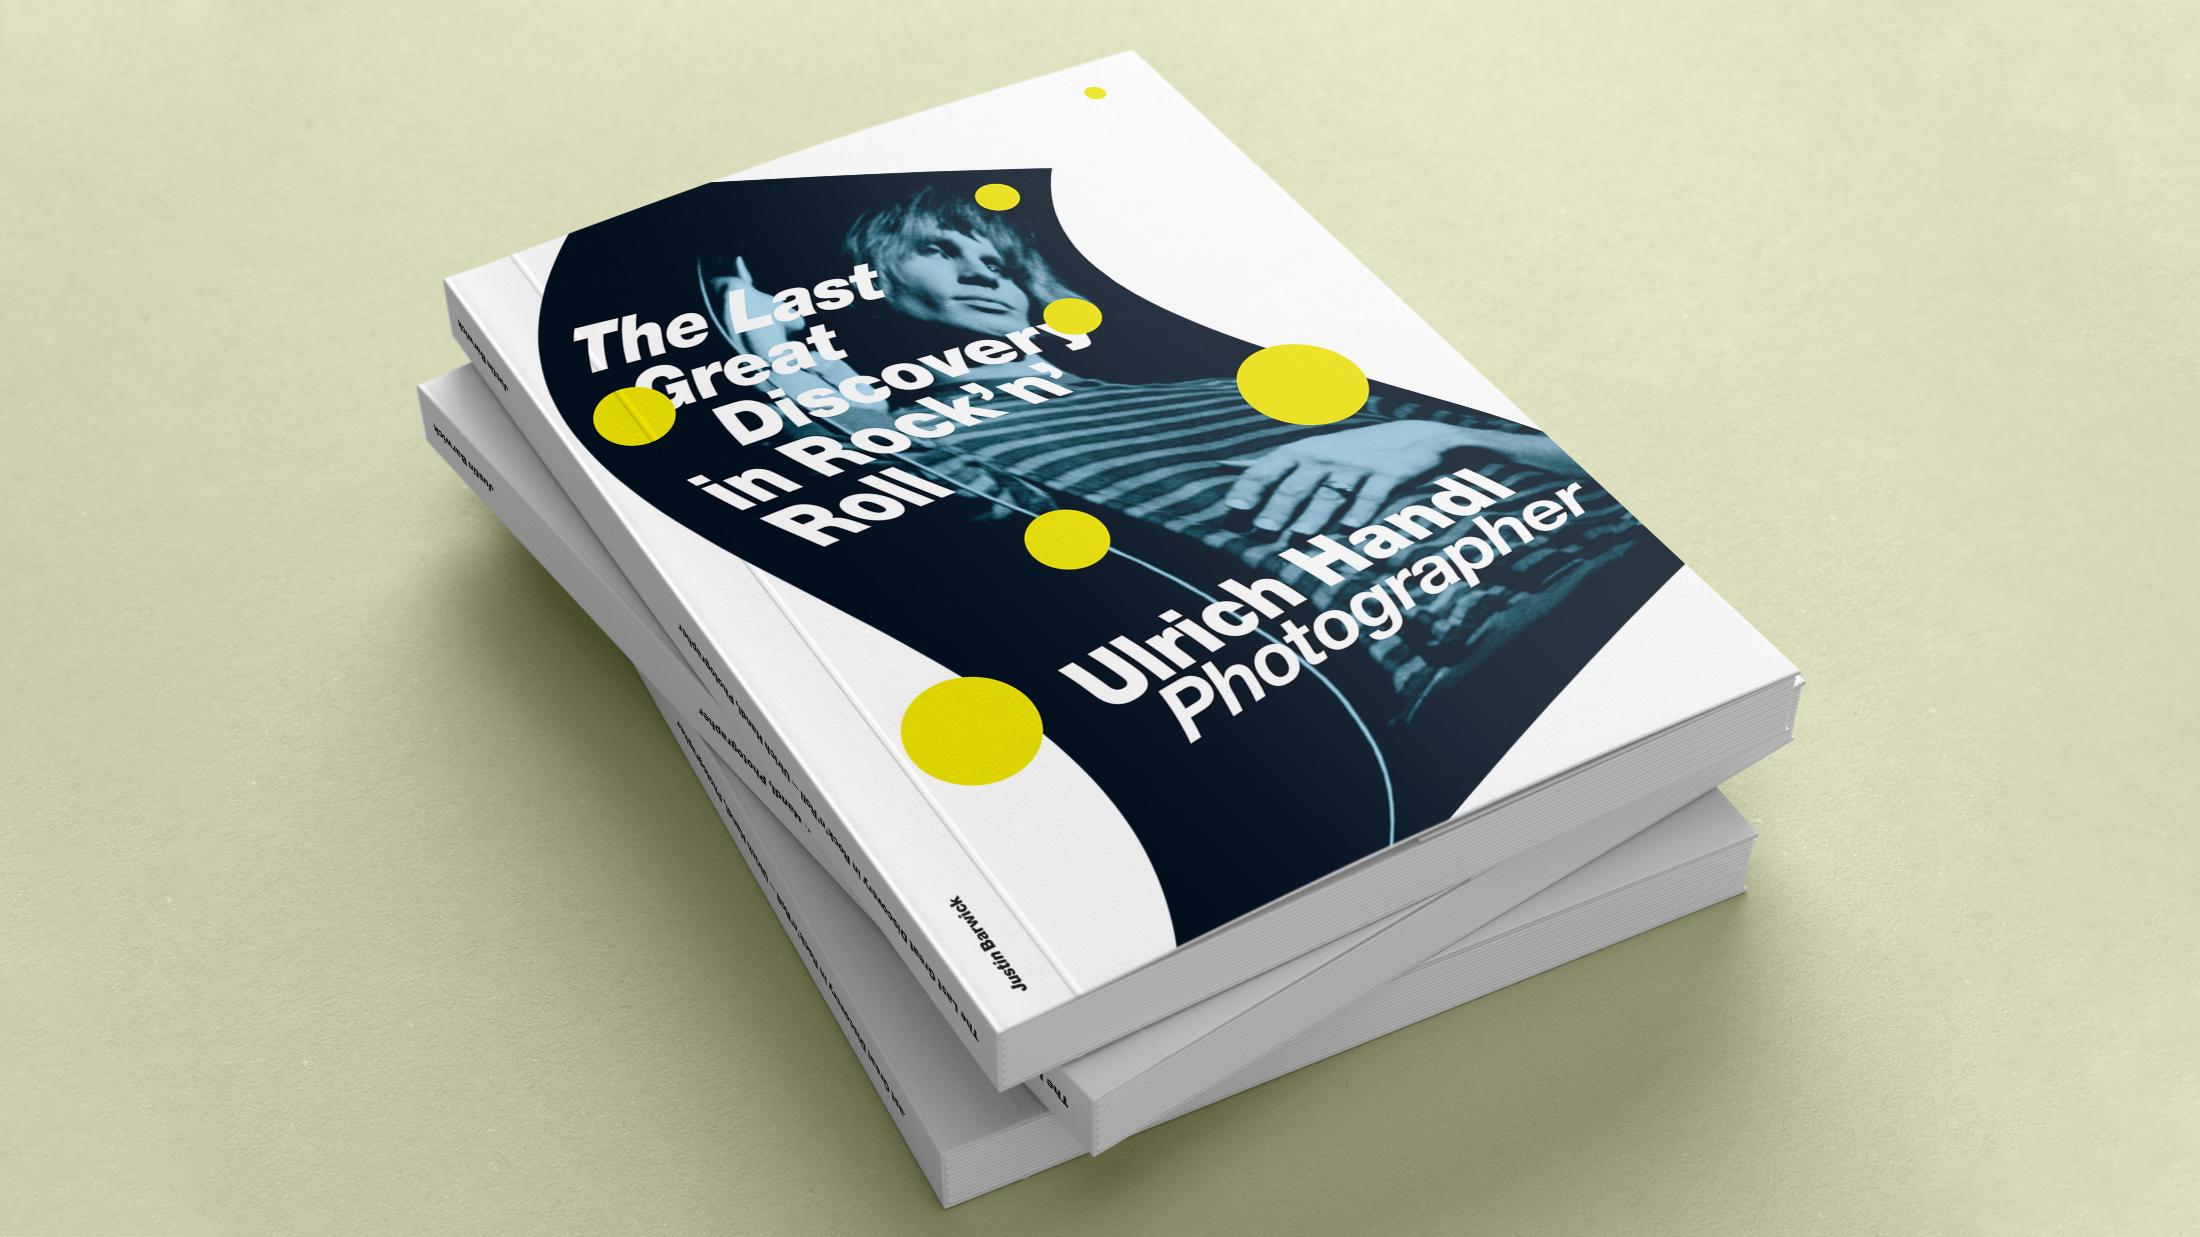 Bildband über den Münchner Photographen Ulrich Handl mit Printdesign von der Designagentur das formt aus München